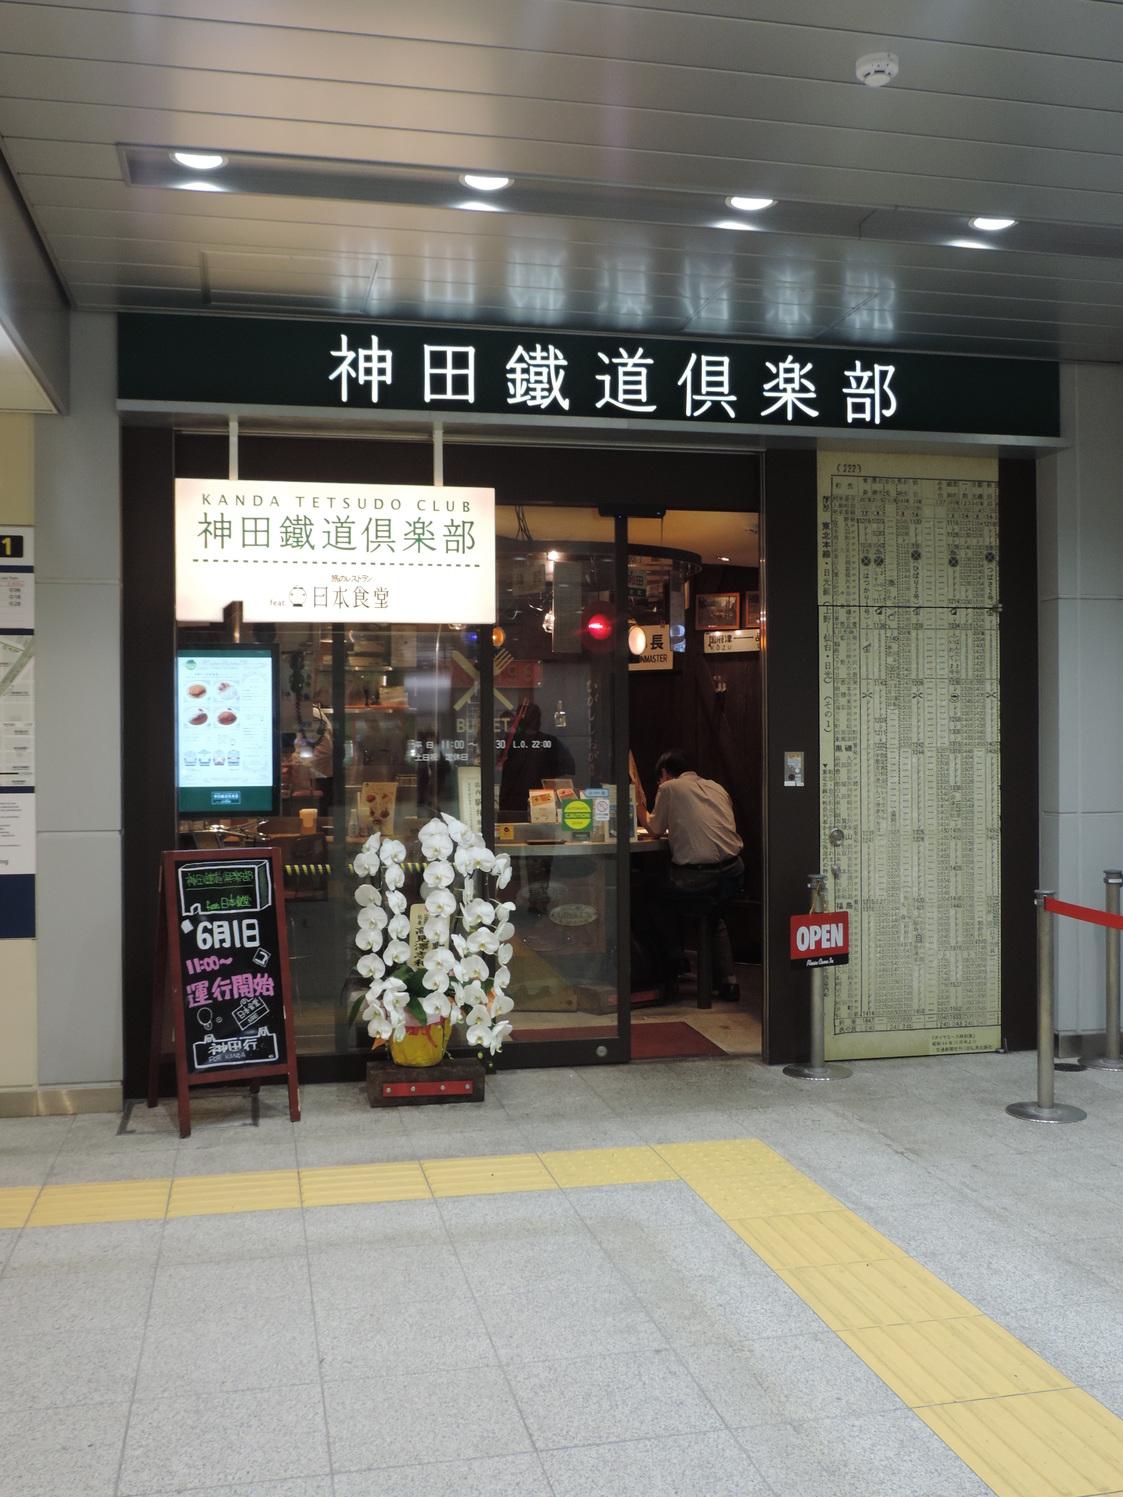 神田鐵道倶楽部